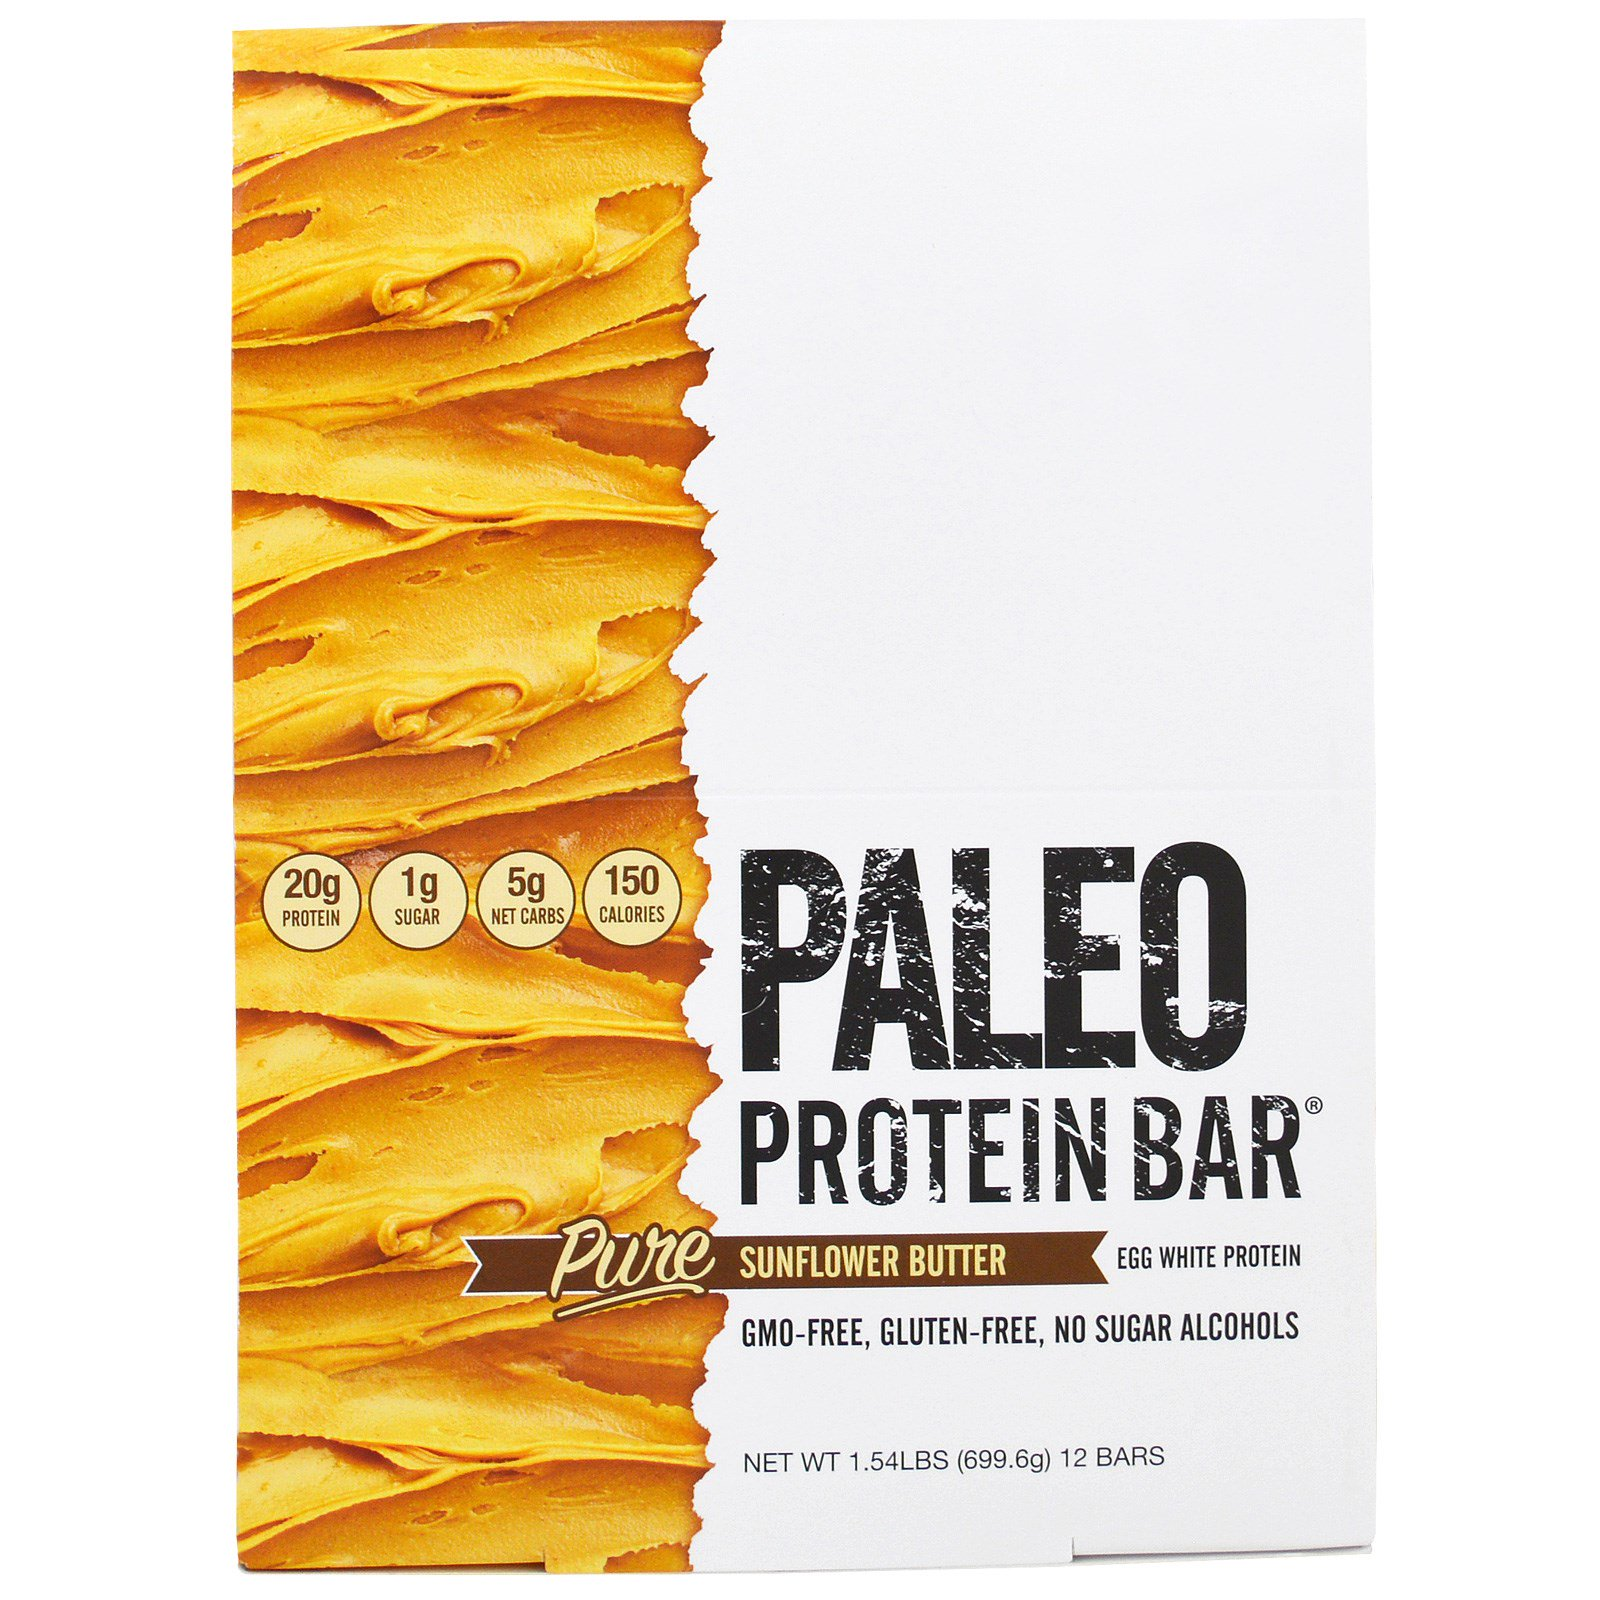 Julian Bakery, Протеиновые батончики палео, Чистое подсолнечное масло , 12 батончиков, 2,05 унции (58,3 г) каждый